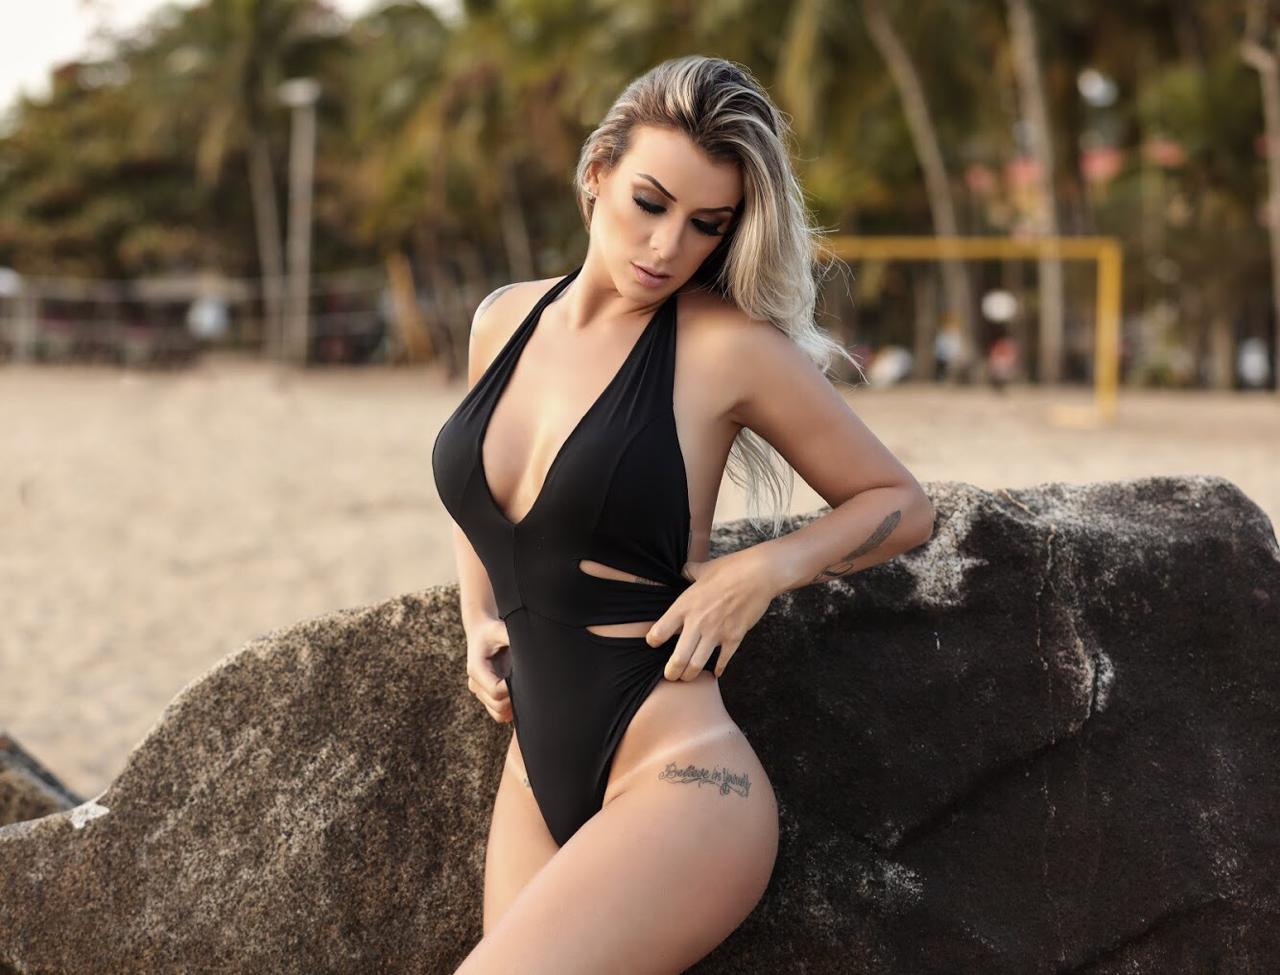 Modelo e atriz Vanessa Di Santo exibe suas curvas em ensaio e dispara: 'A vida é para ser vivida'